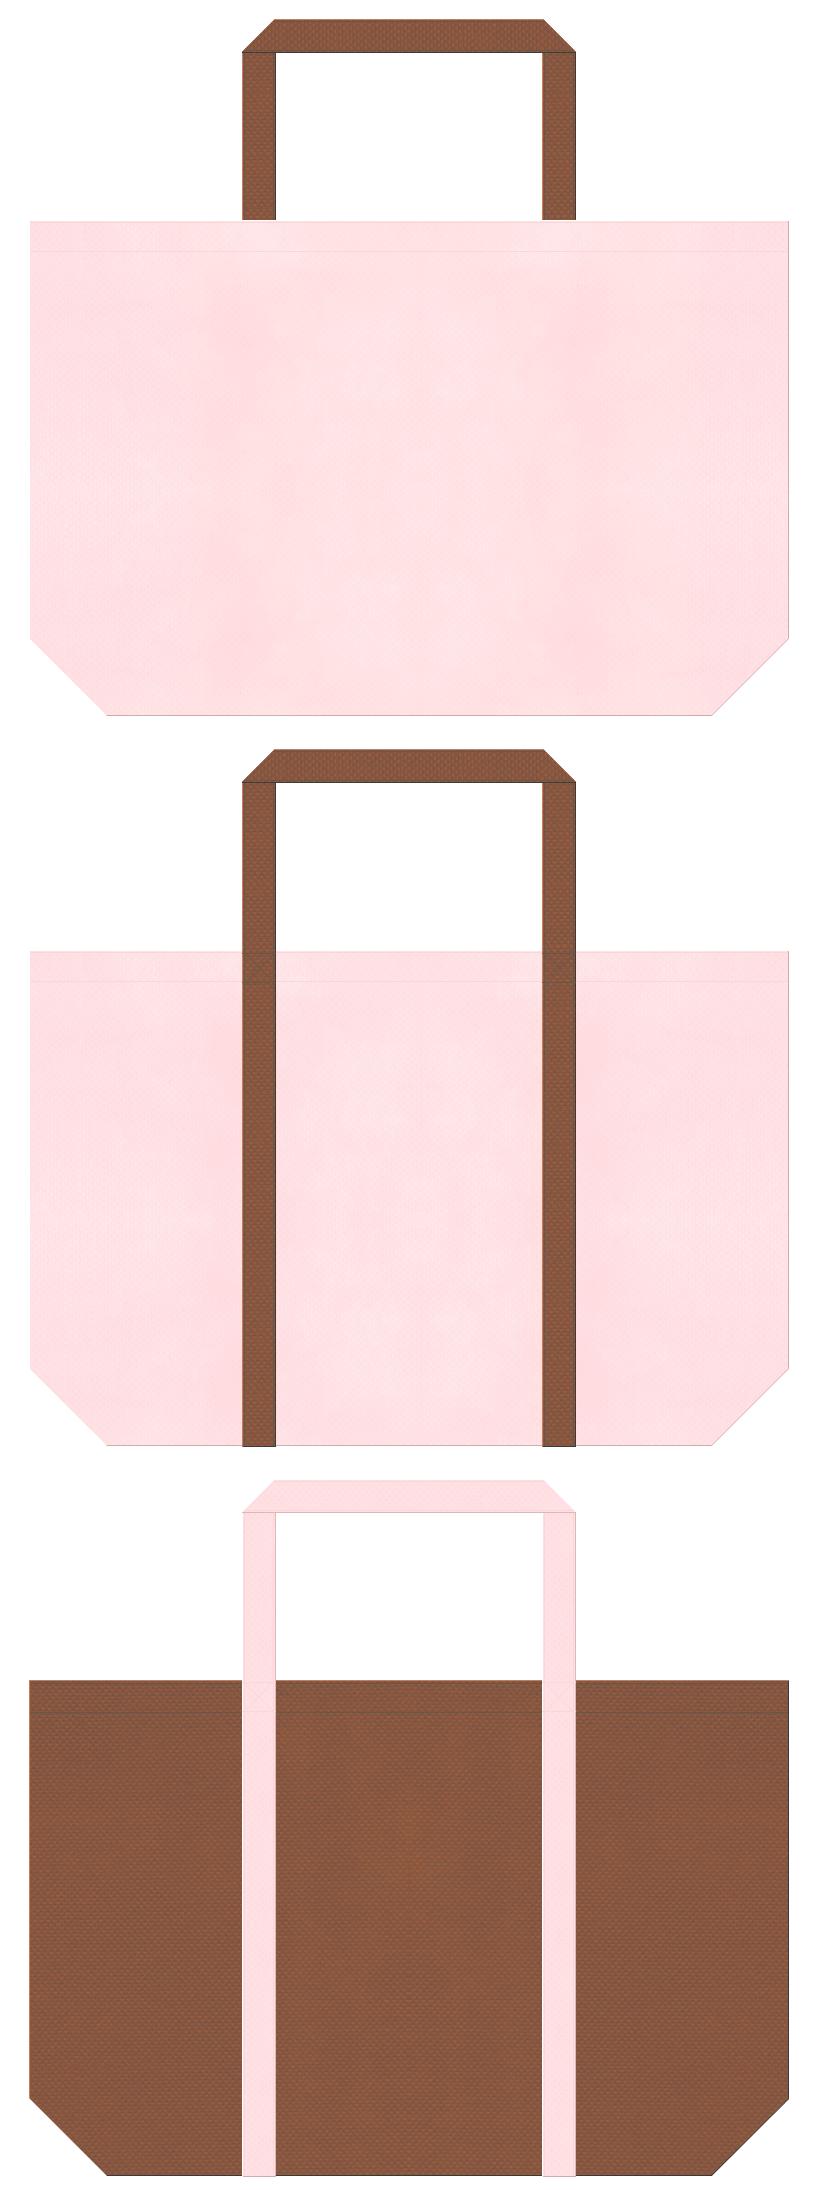 桜色と茶色の不織布バッグデザイン。ガーリーファッションのショッピングバッグにお奨めです。